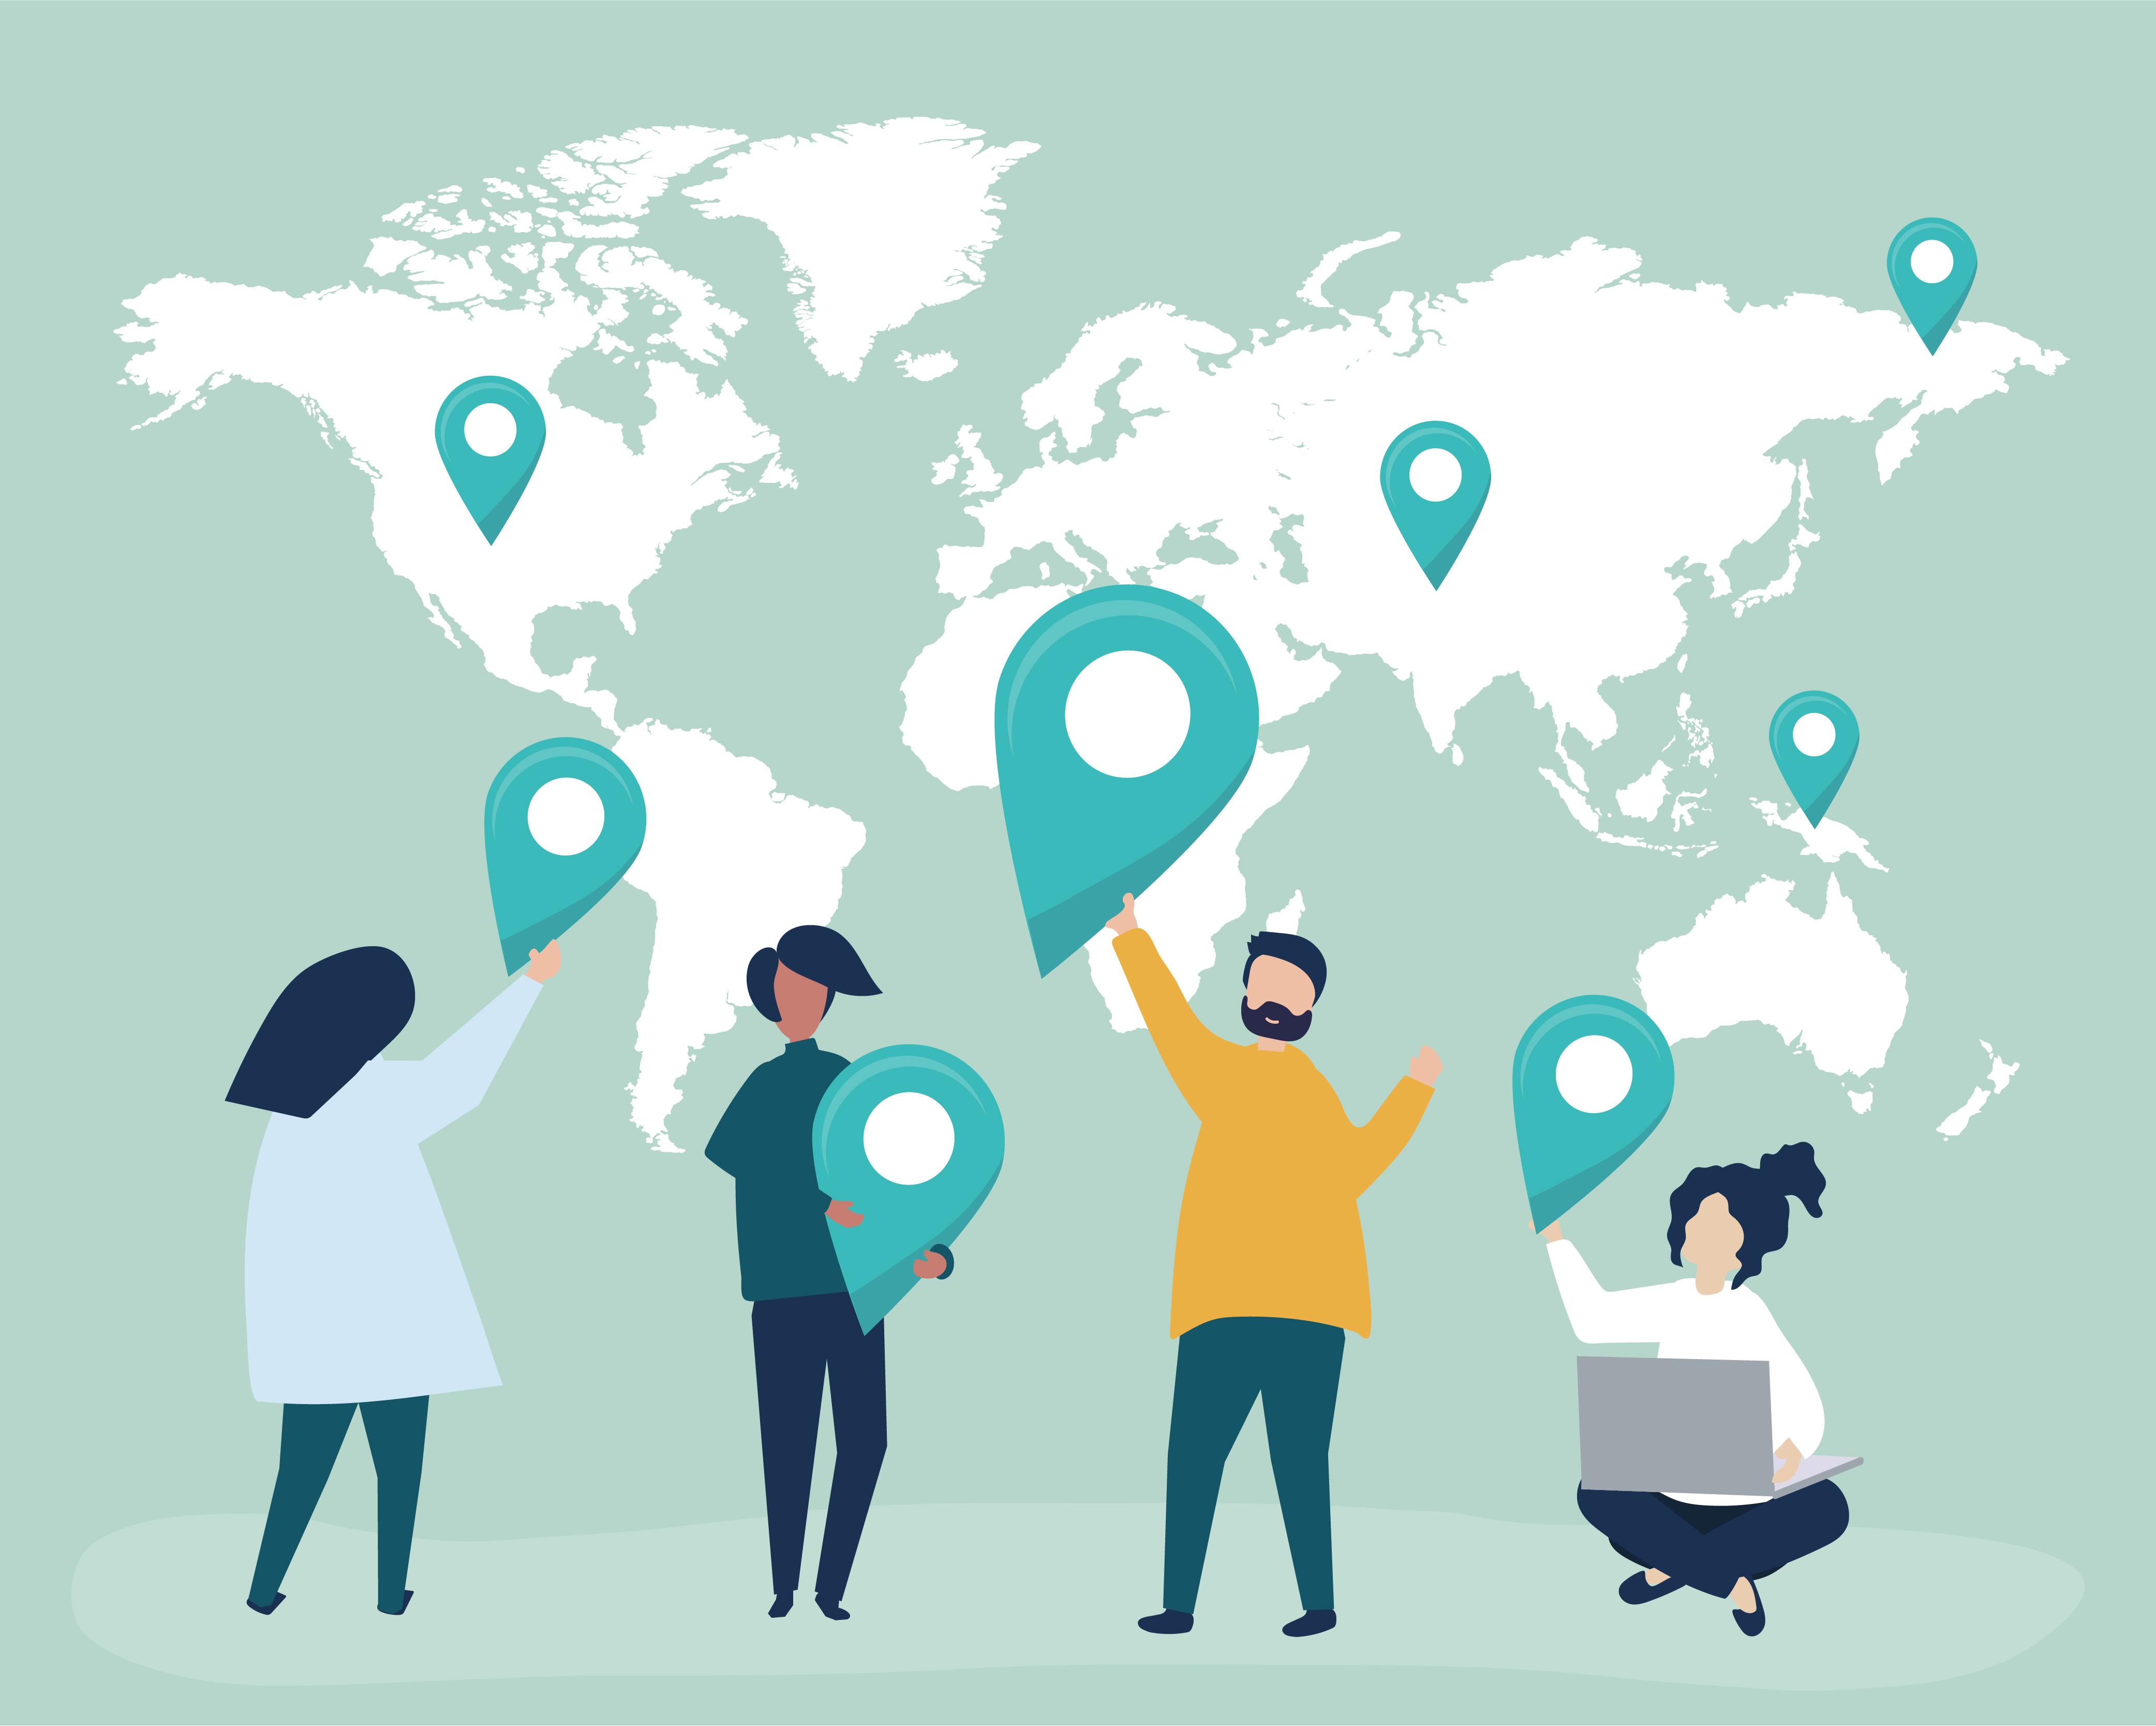 Localização e sistema de ponto: conheça 5 benefícios de ter um ponto móvel